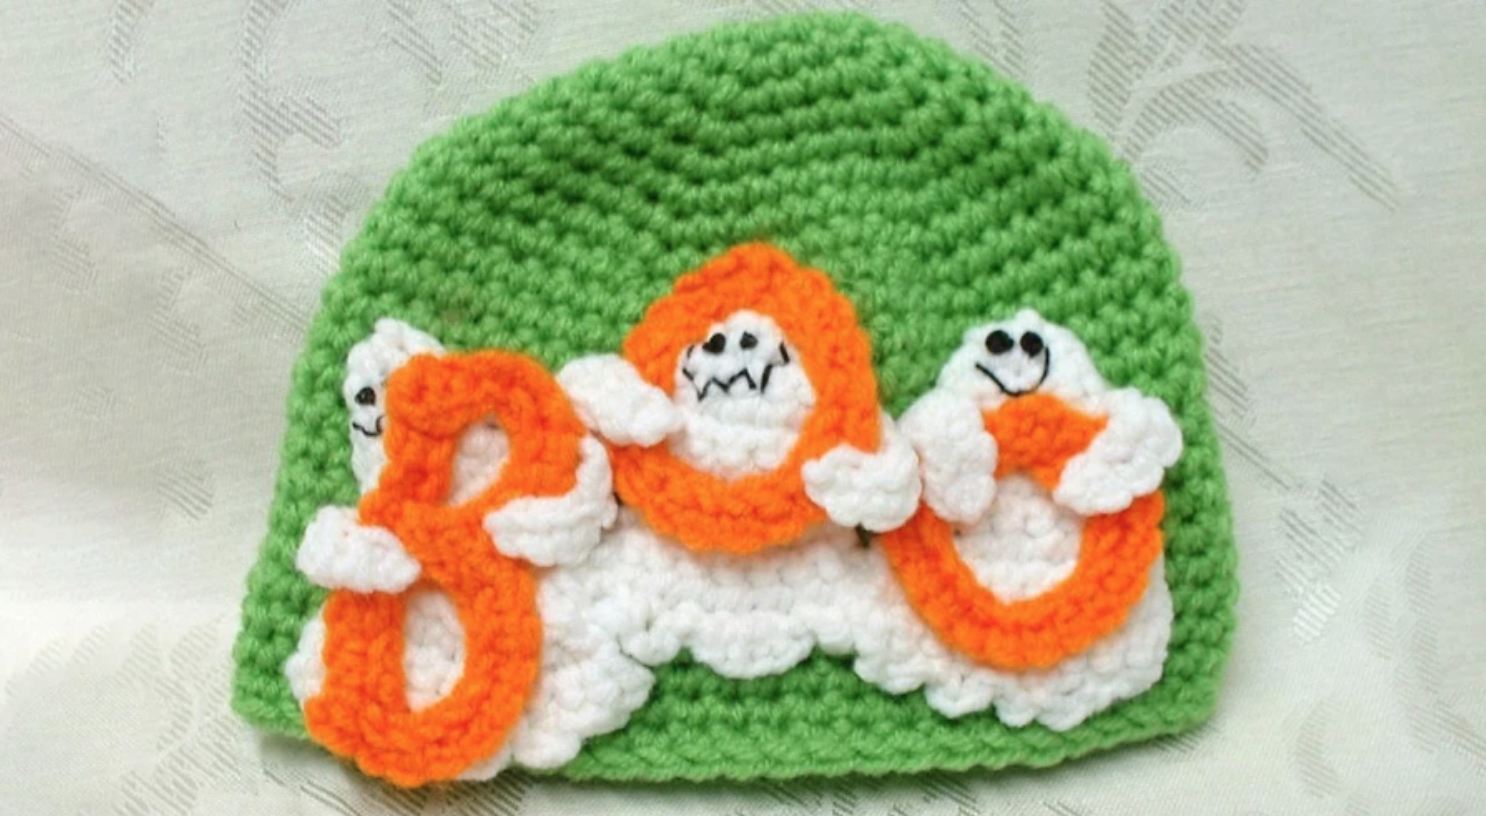 green crochet ghost hat